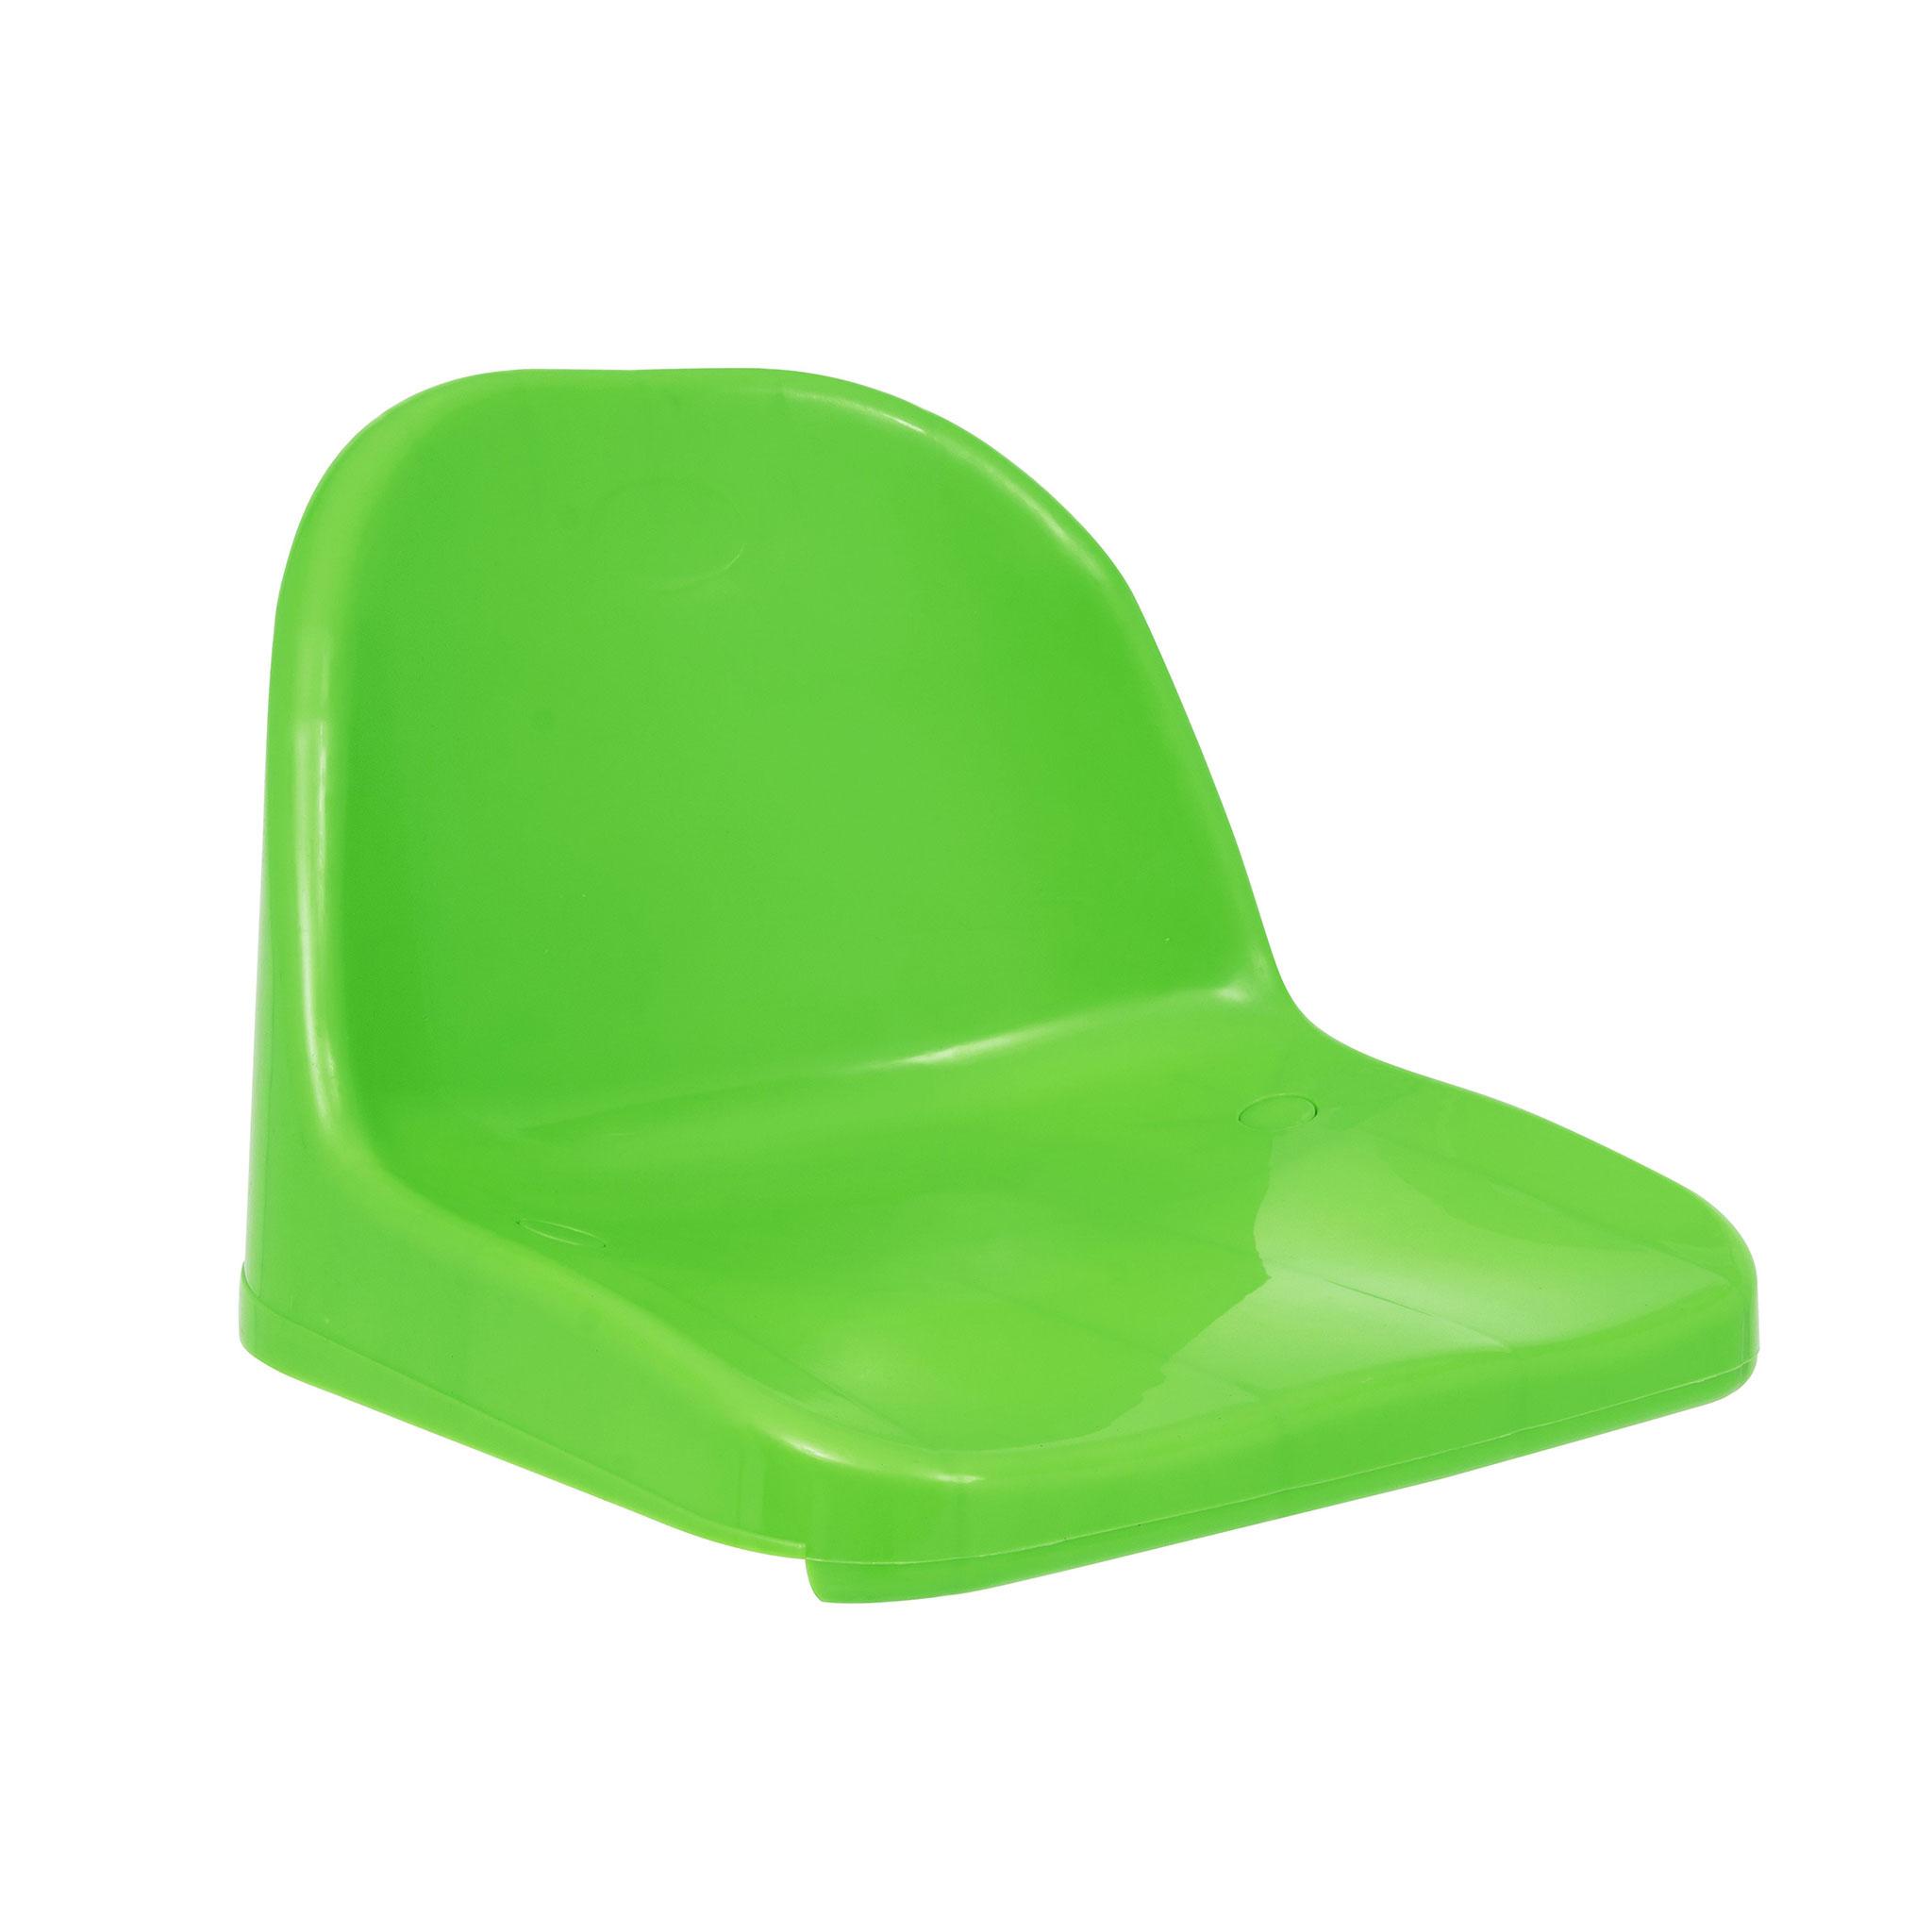 gama_backrest_monoblock_copolymer_pp_stadium_chair_seatorium_06